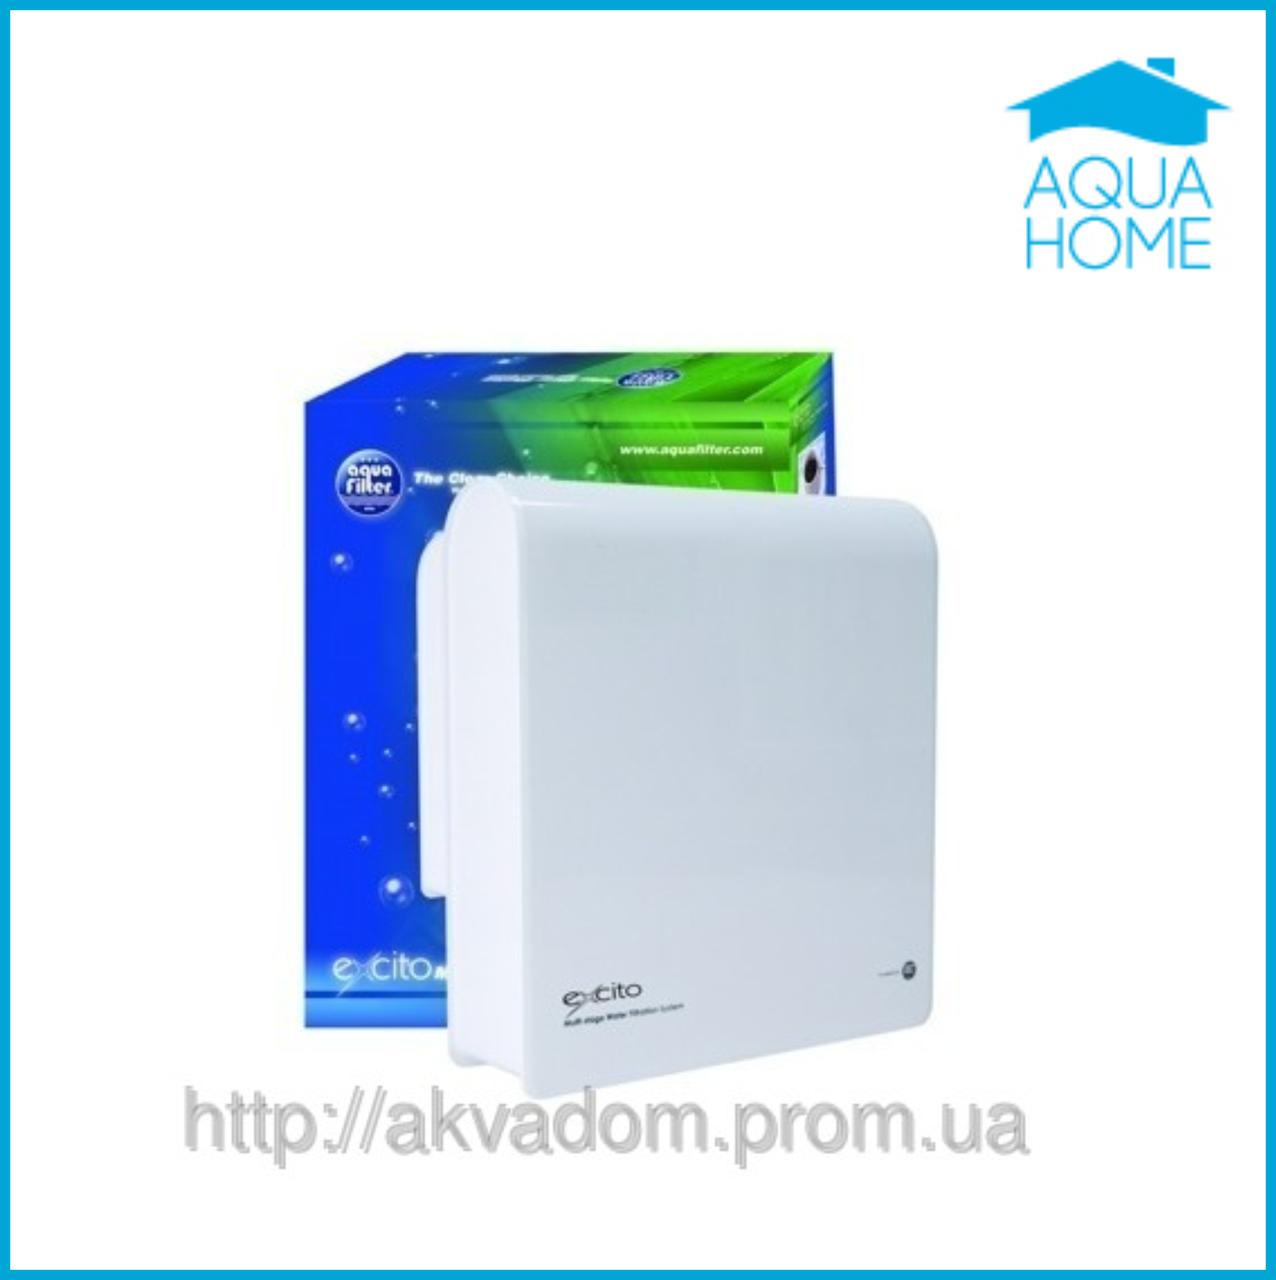 Система очистки воды 5 ступеней воды Aquafilter Exito - Аквадом  фильтры для очистки воды,насосы для воды, увлажнители,отопление,химия для бассейнов в Харькове